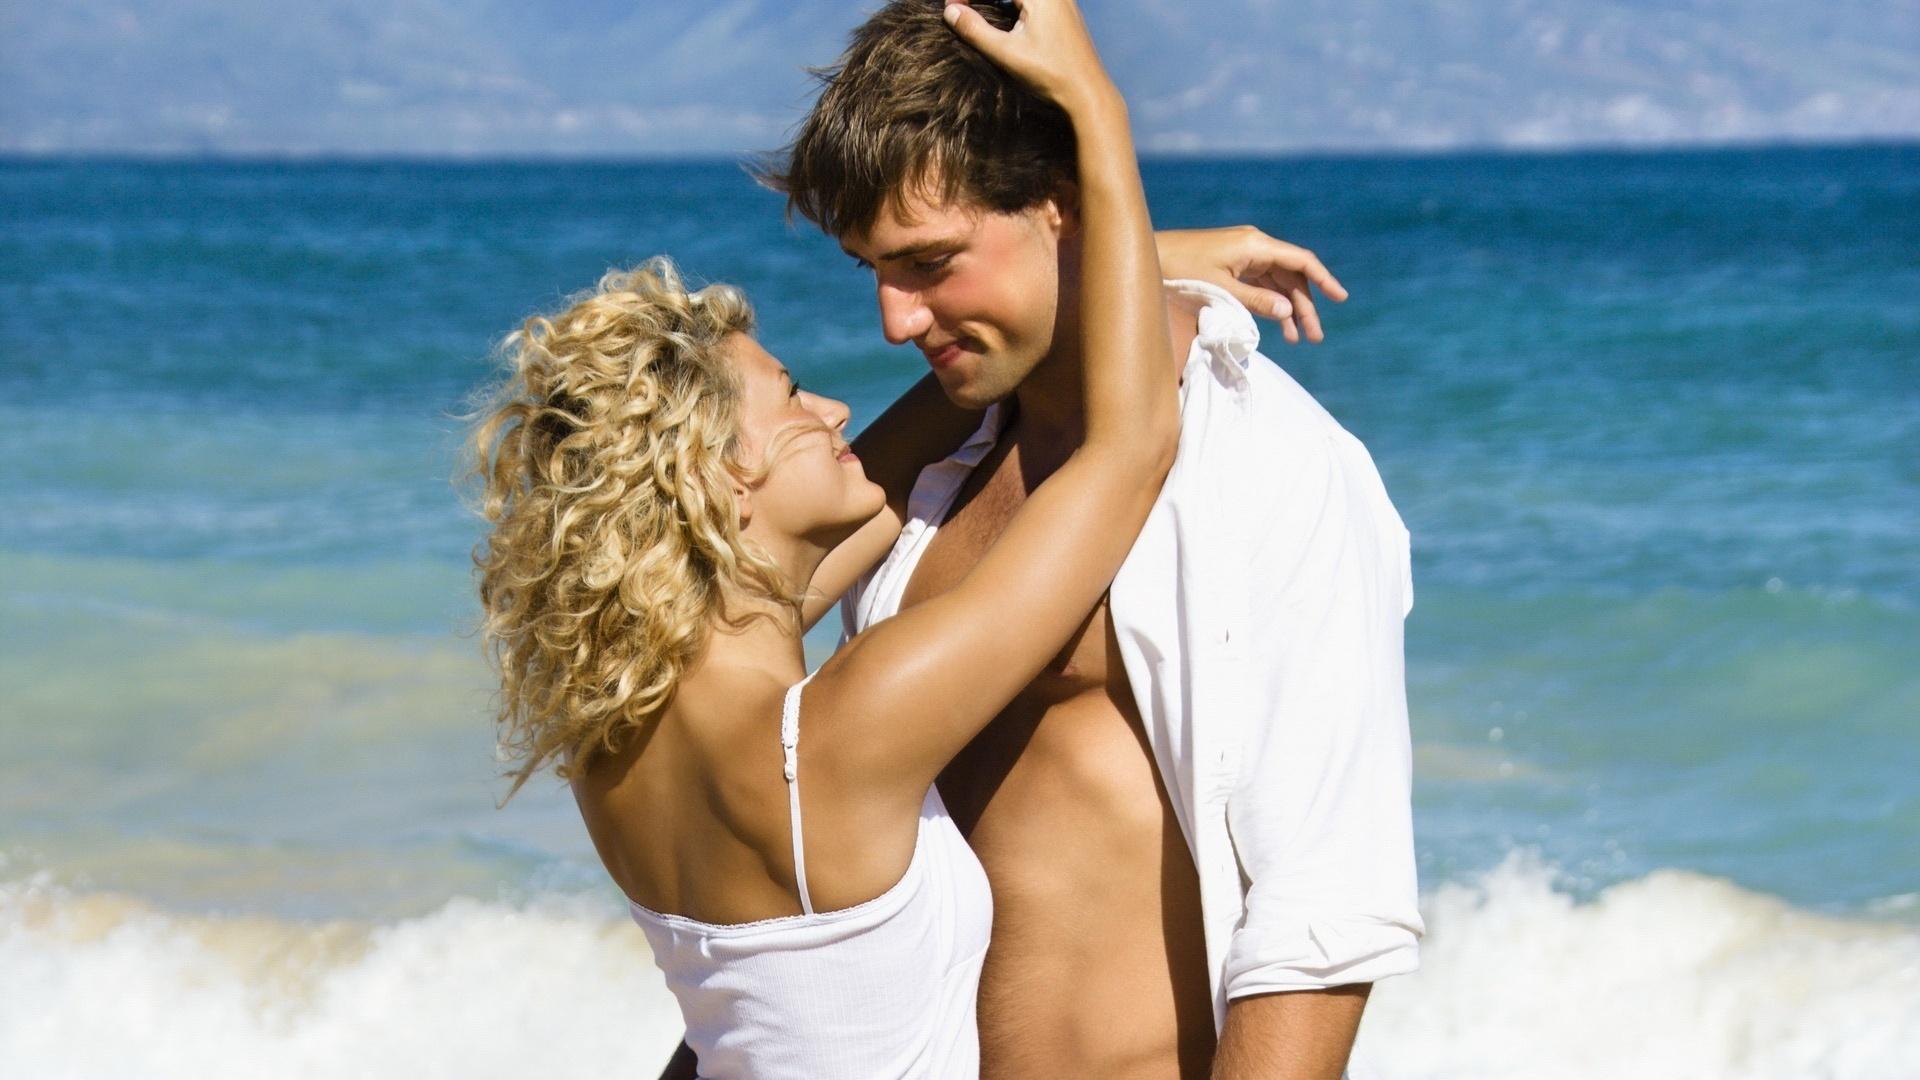 позволяет пользователю лучшие фото мира о любви настройках памяти